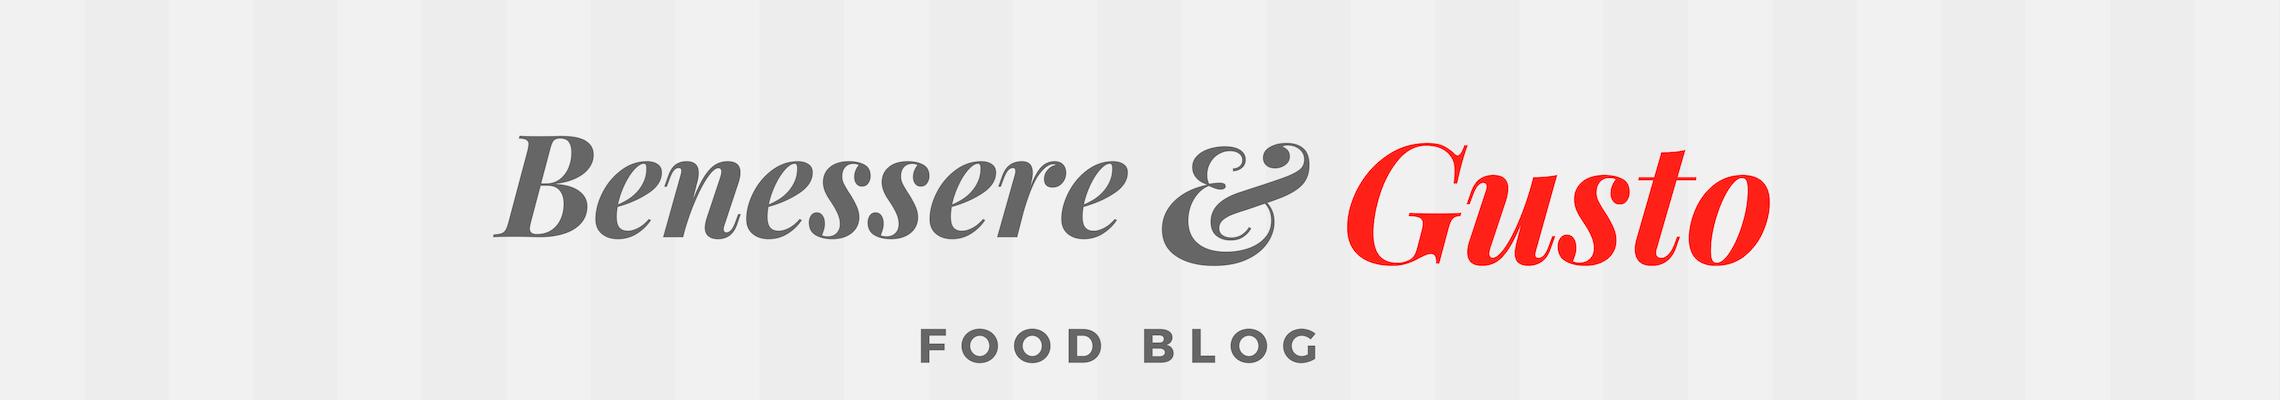 Benessere e Gusto blog